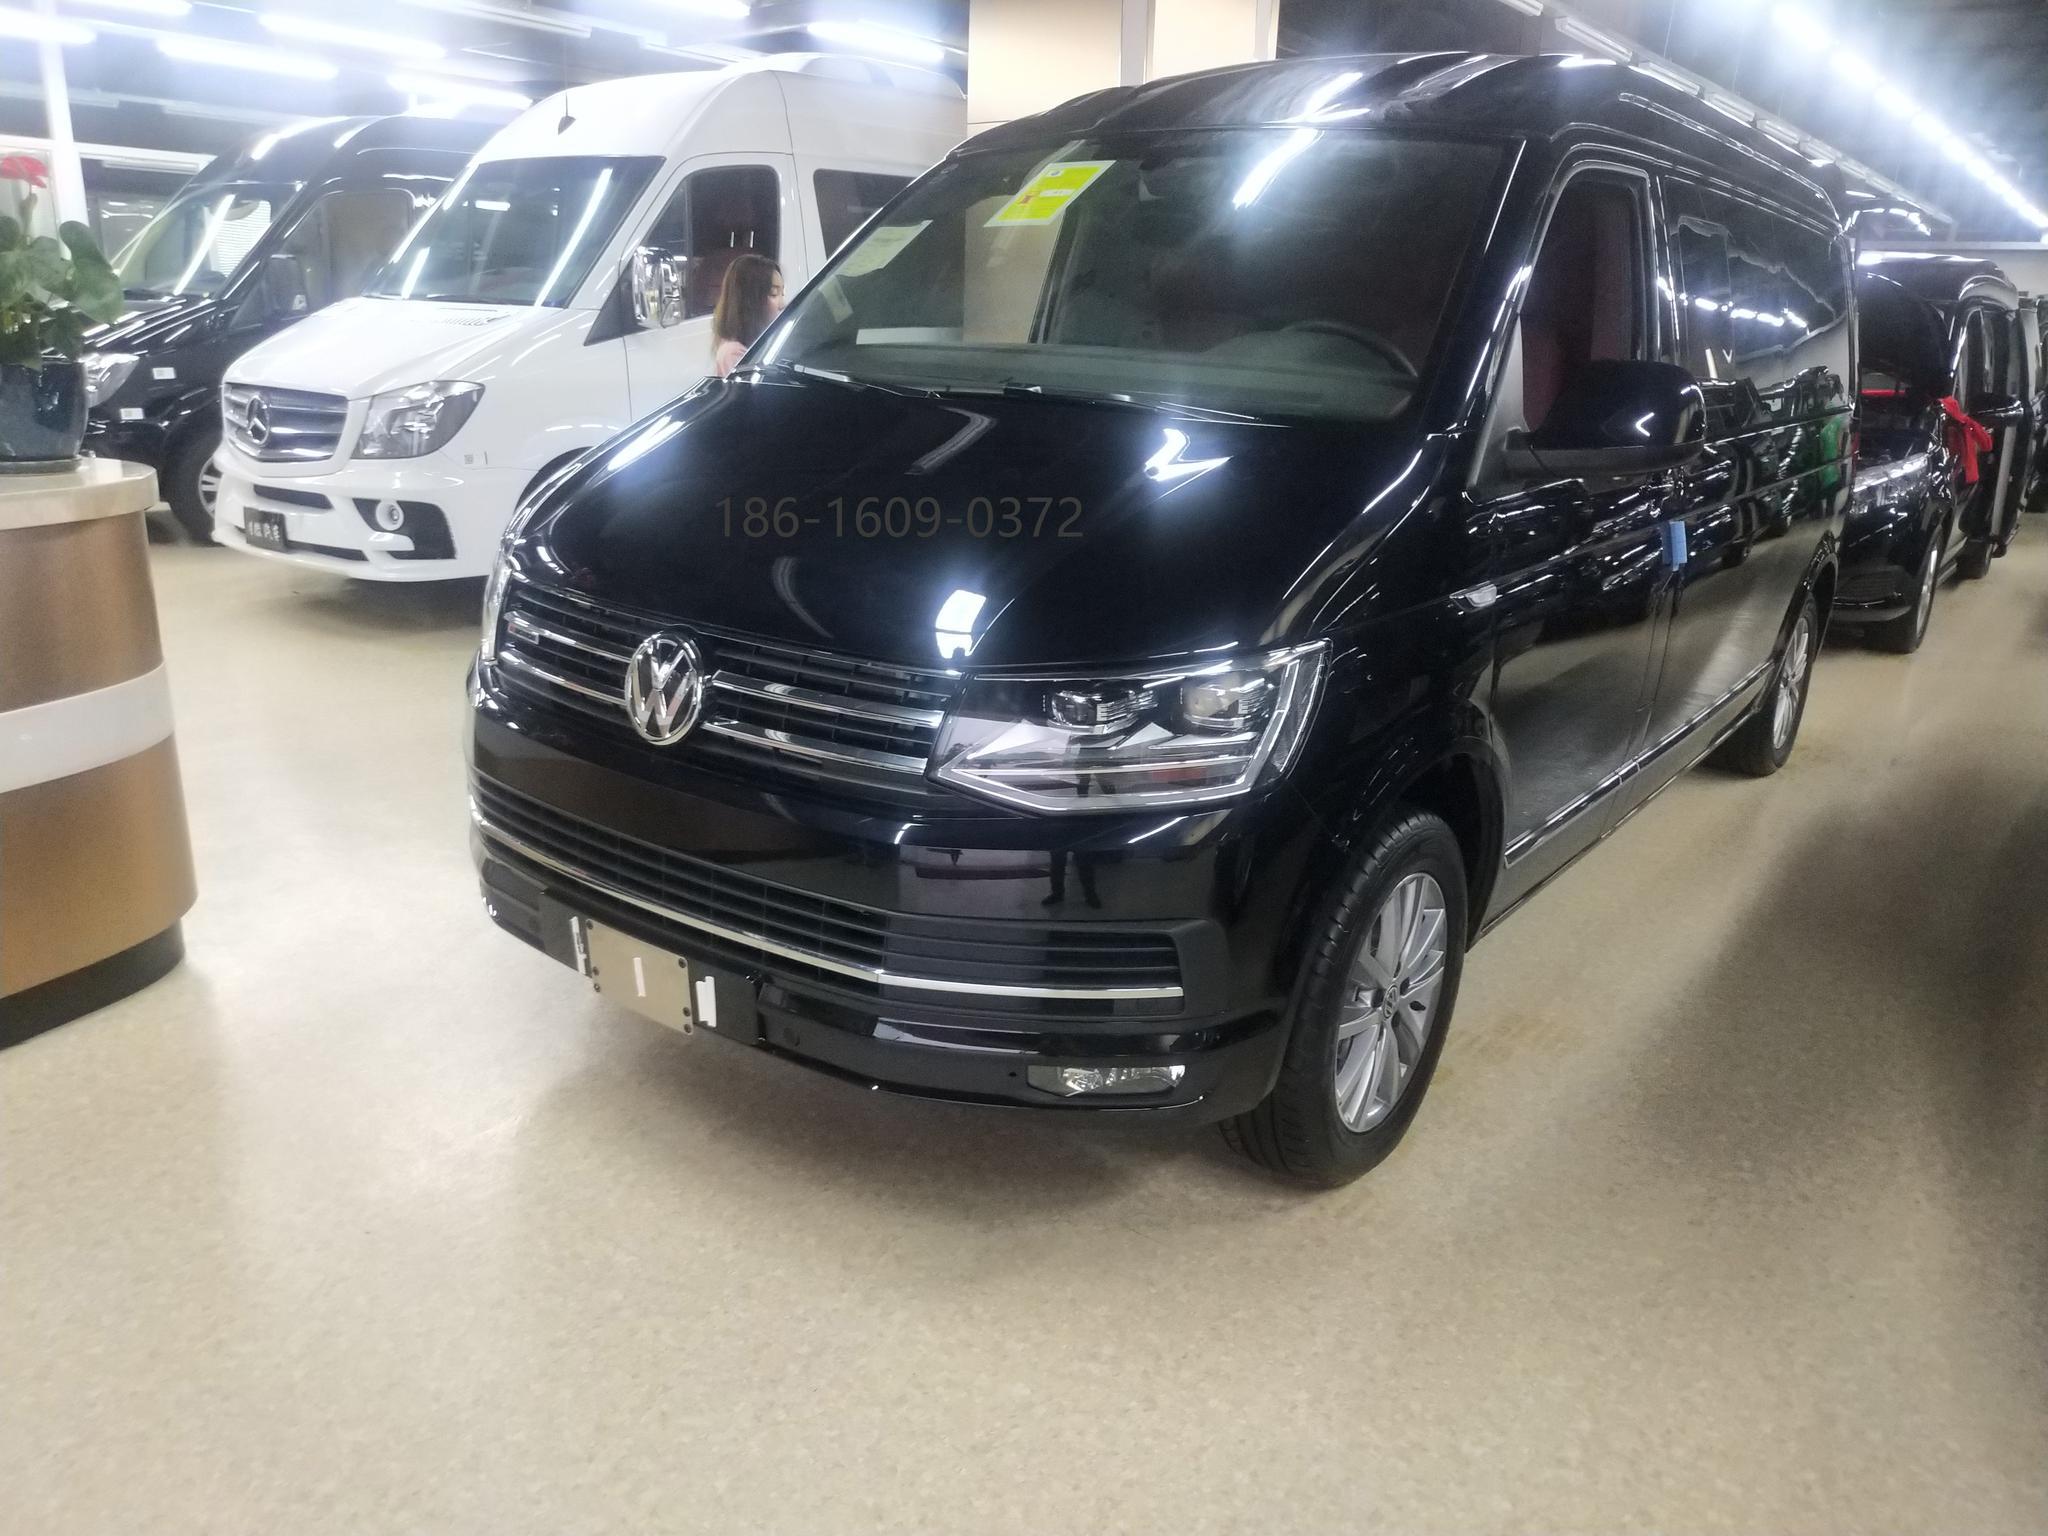 大众T6凯路威四驱改装商务车 上海改装厂多少钱